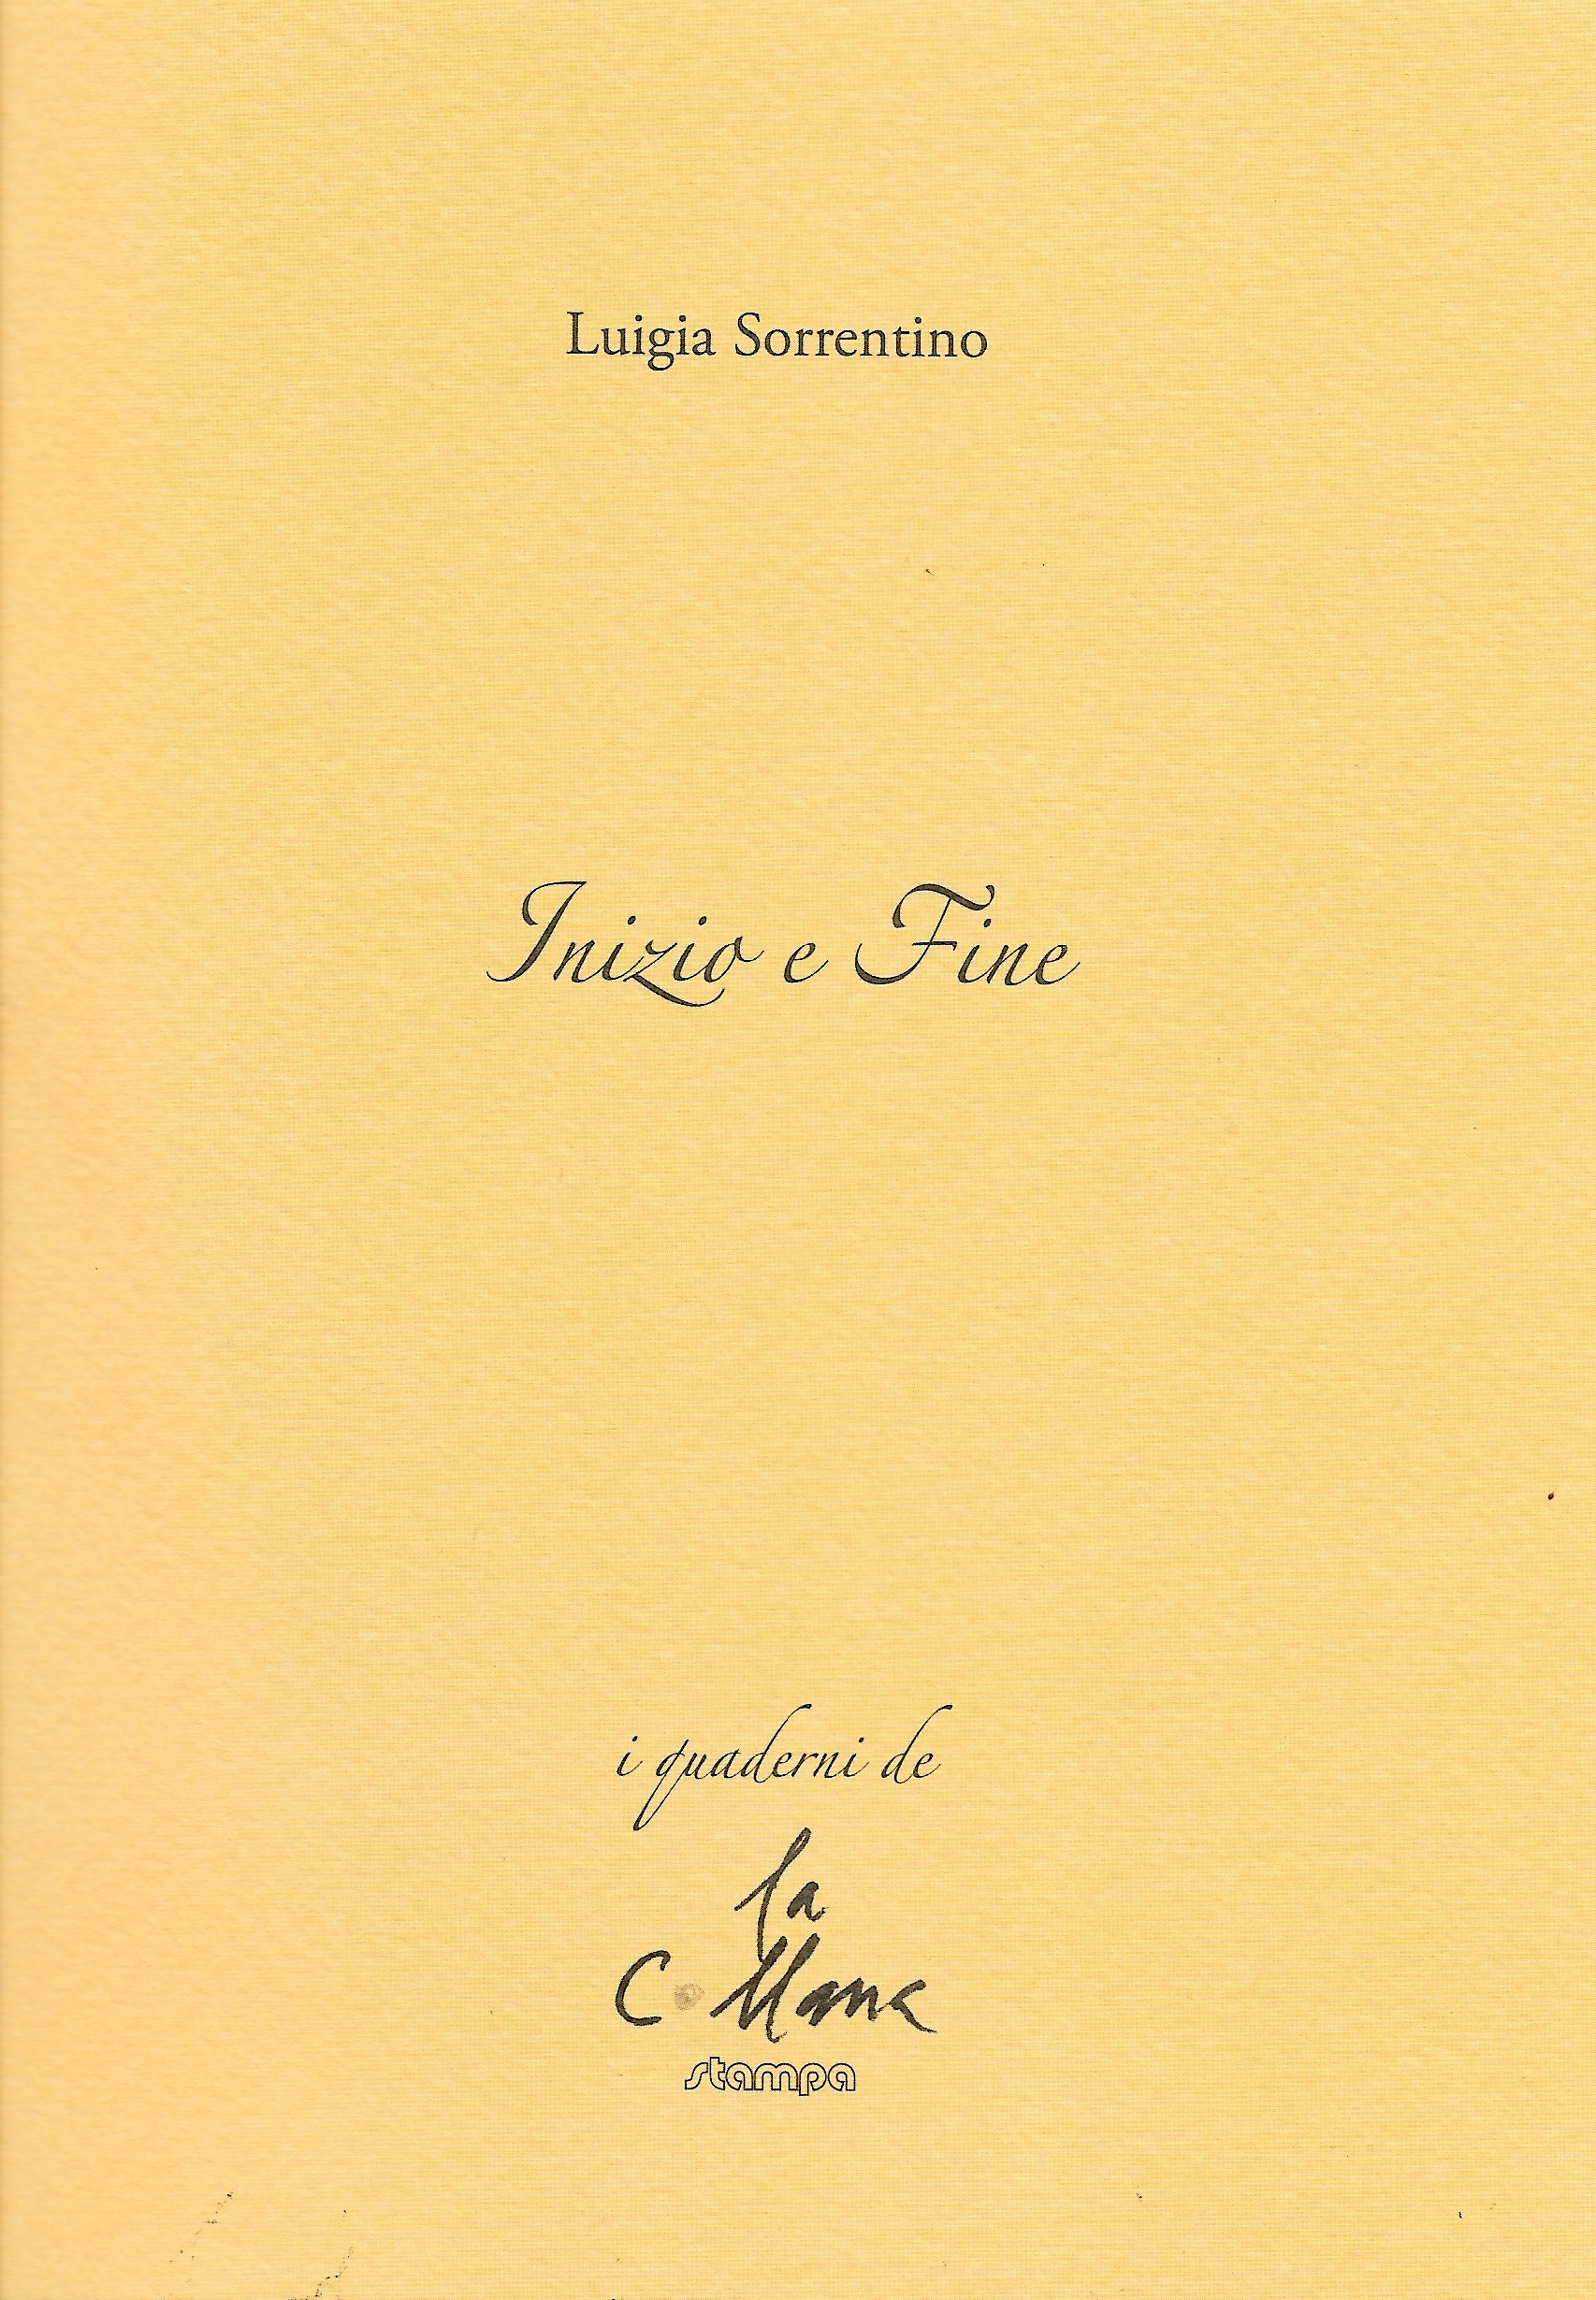 Inizio e fine – Luigia Sorrentino